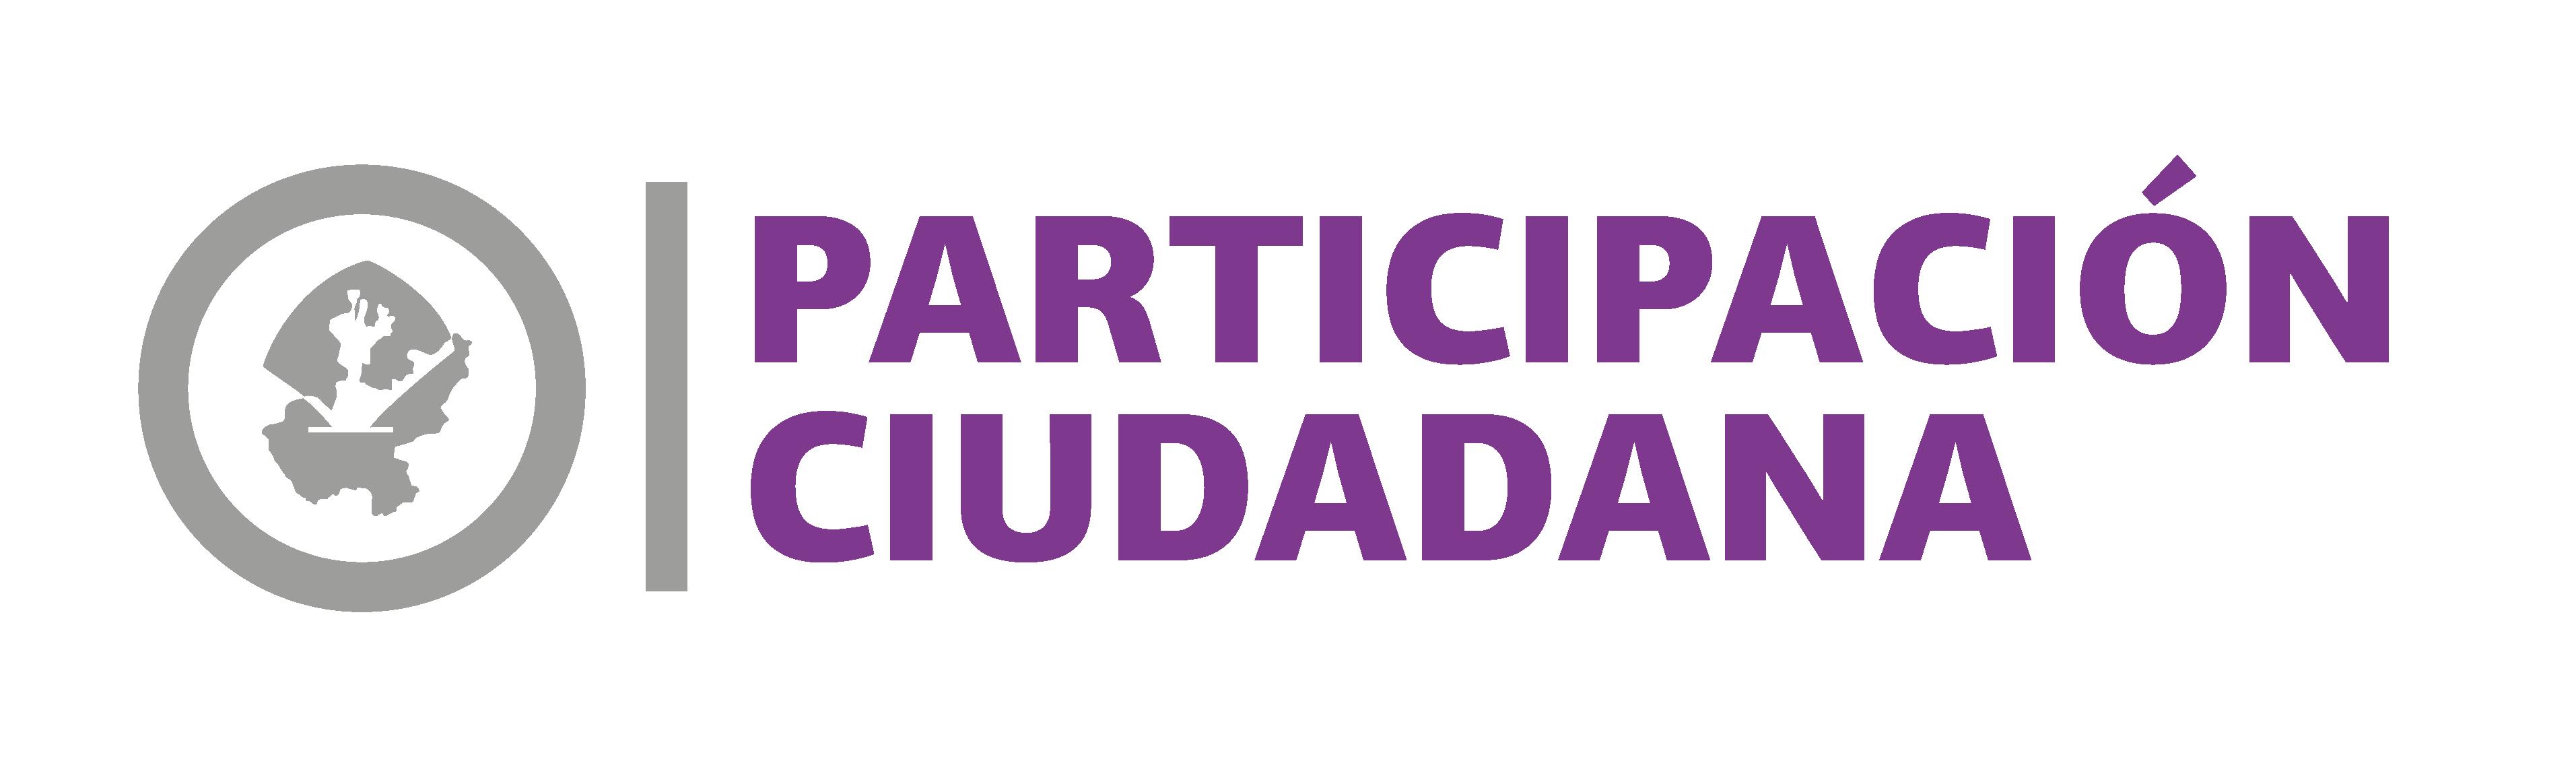 LogoParticipaciónCiudadana